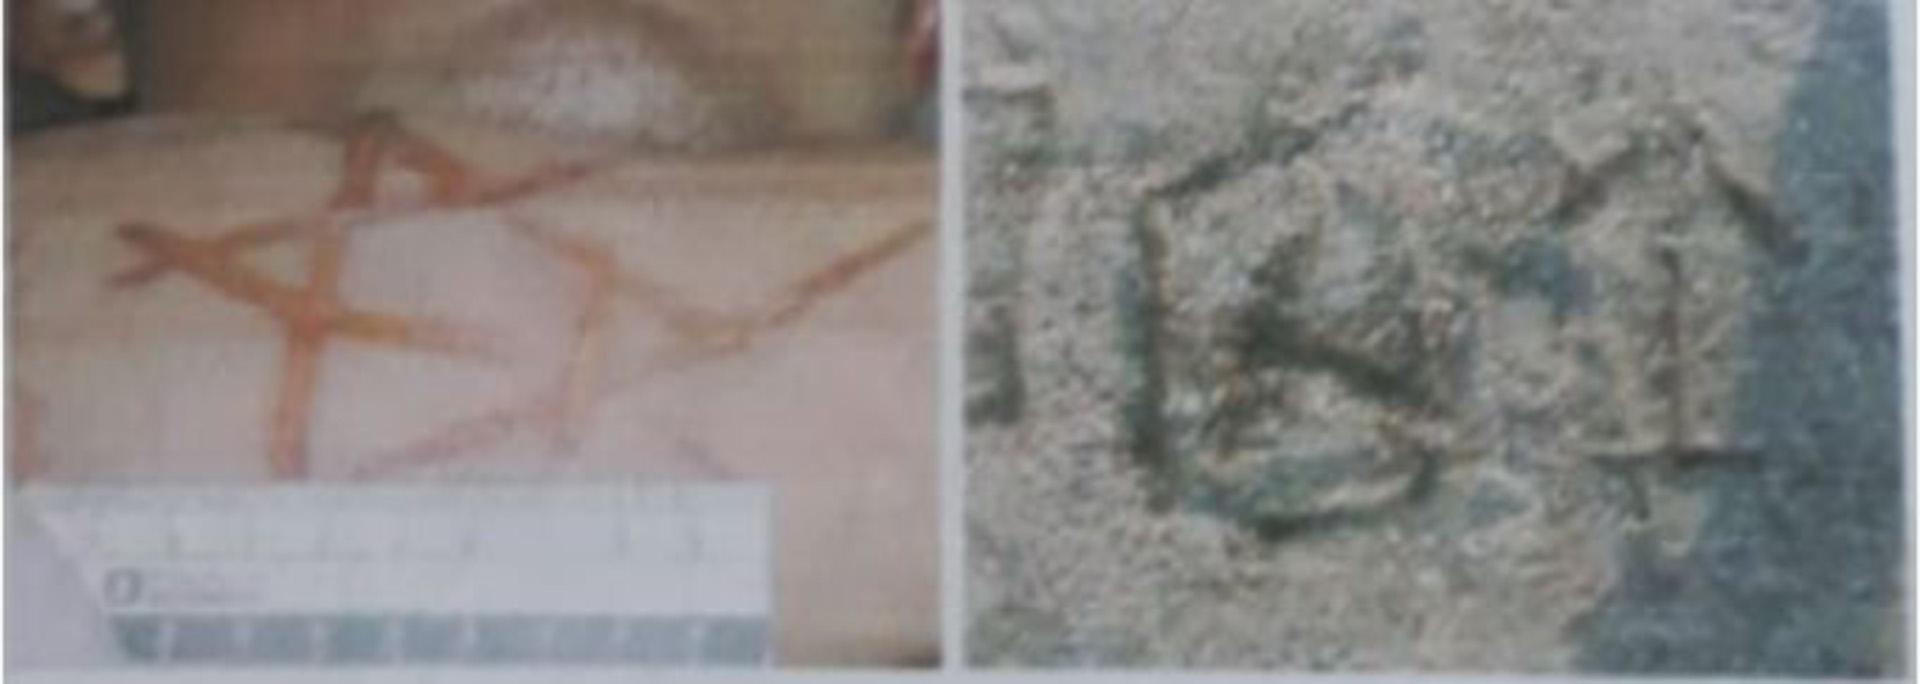 Estas son algunas de las marcas encontradas en los cuerpos de las víctimas, que representarían rituales satánicos.